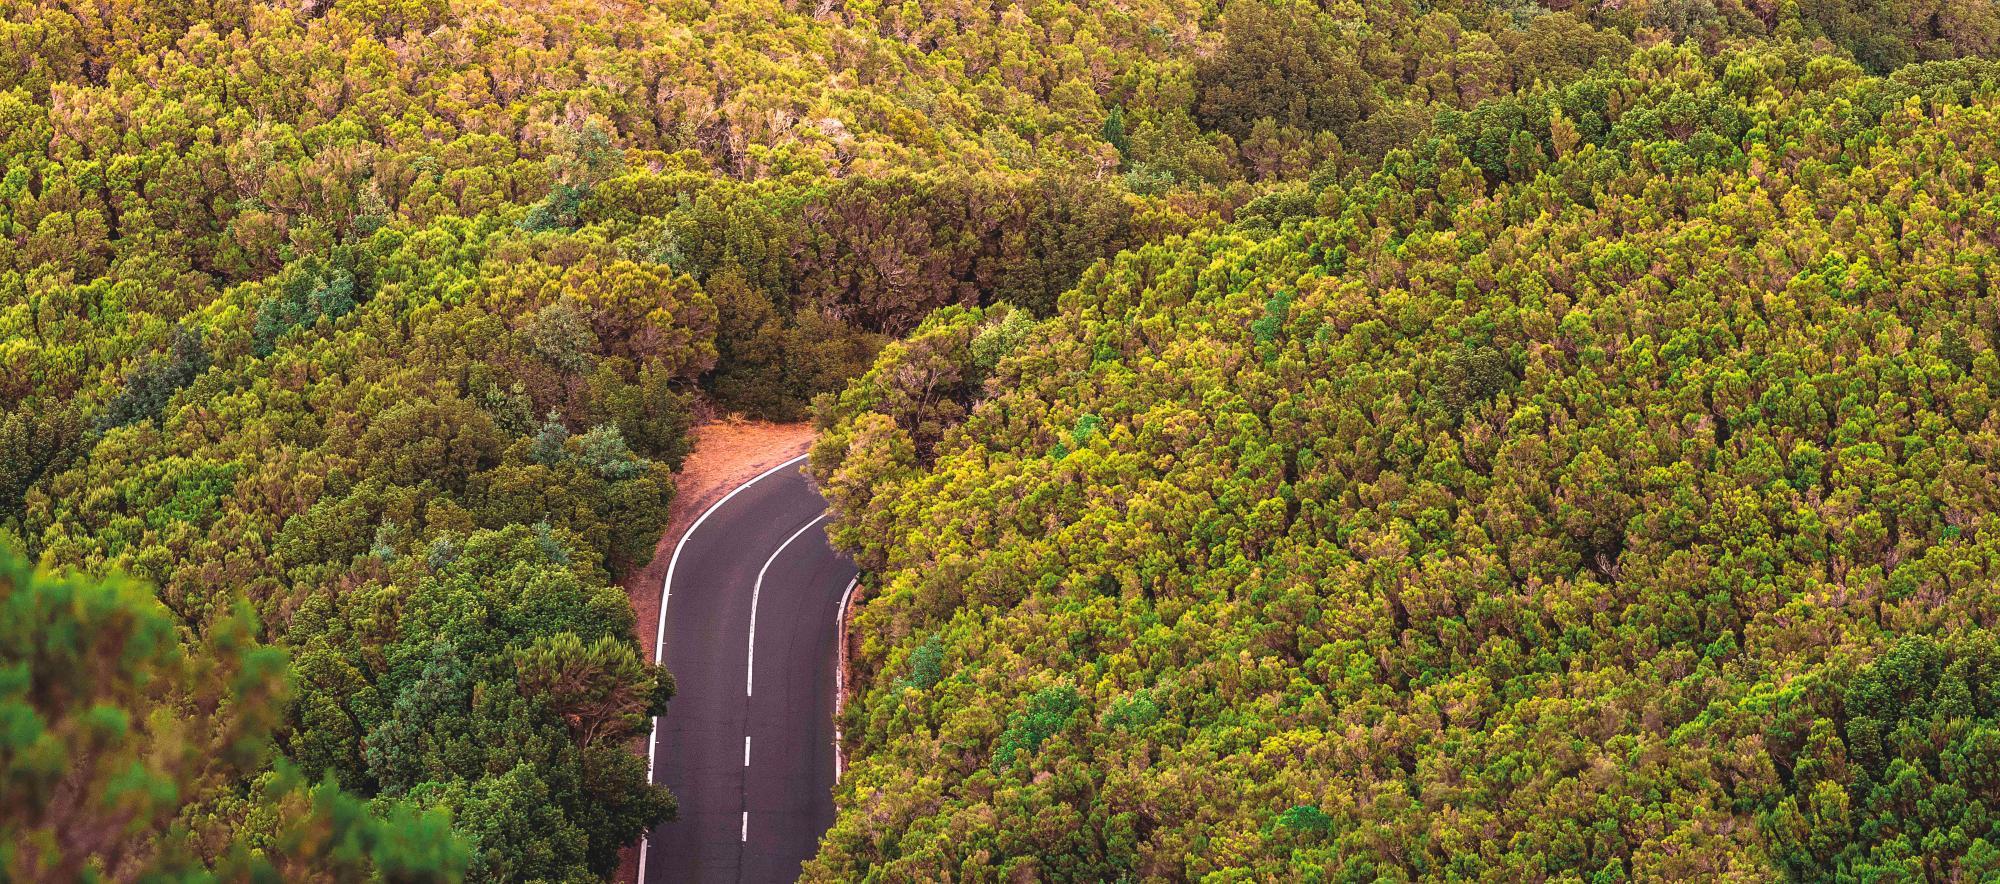 Parque Nacional de Garajonay. La Gomera/Foto: Javier Sánchez Martínez